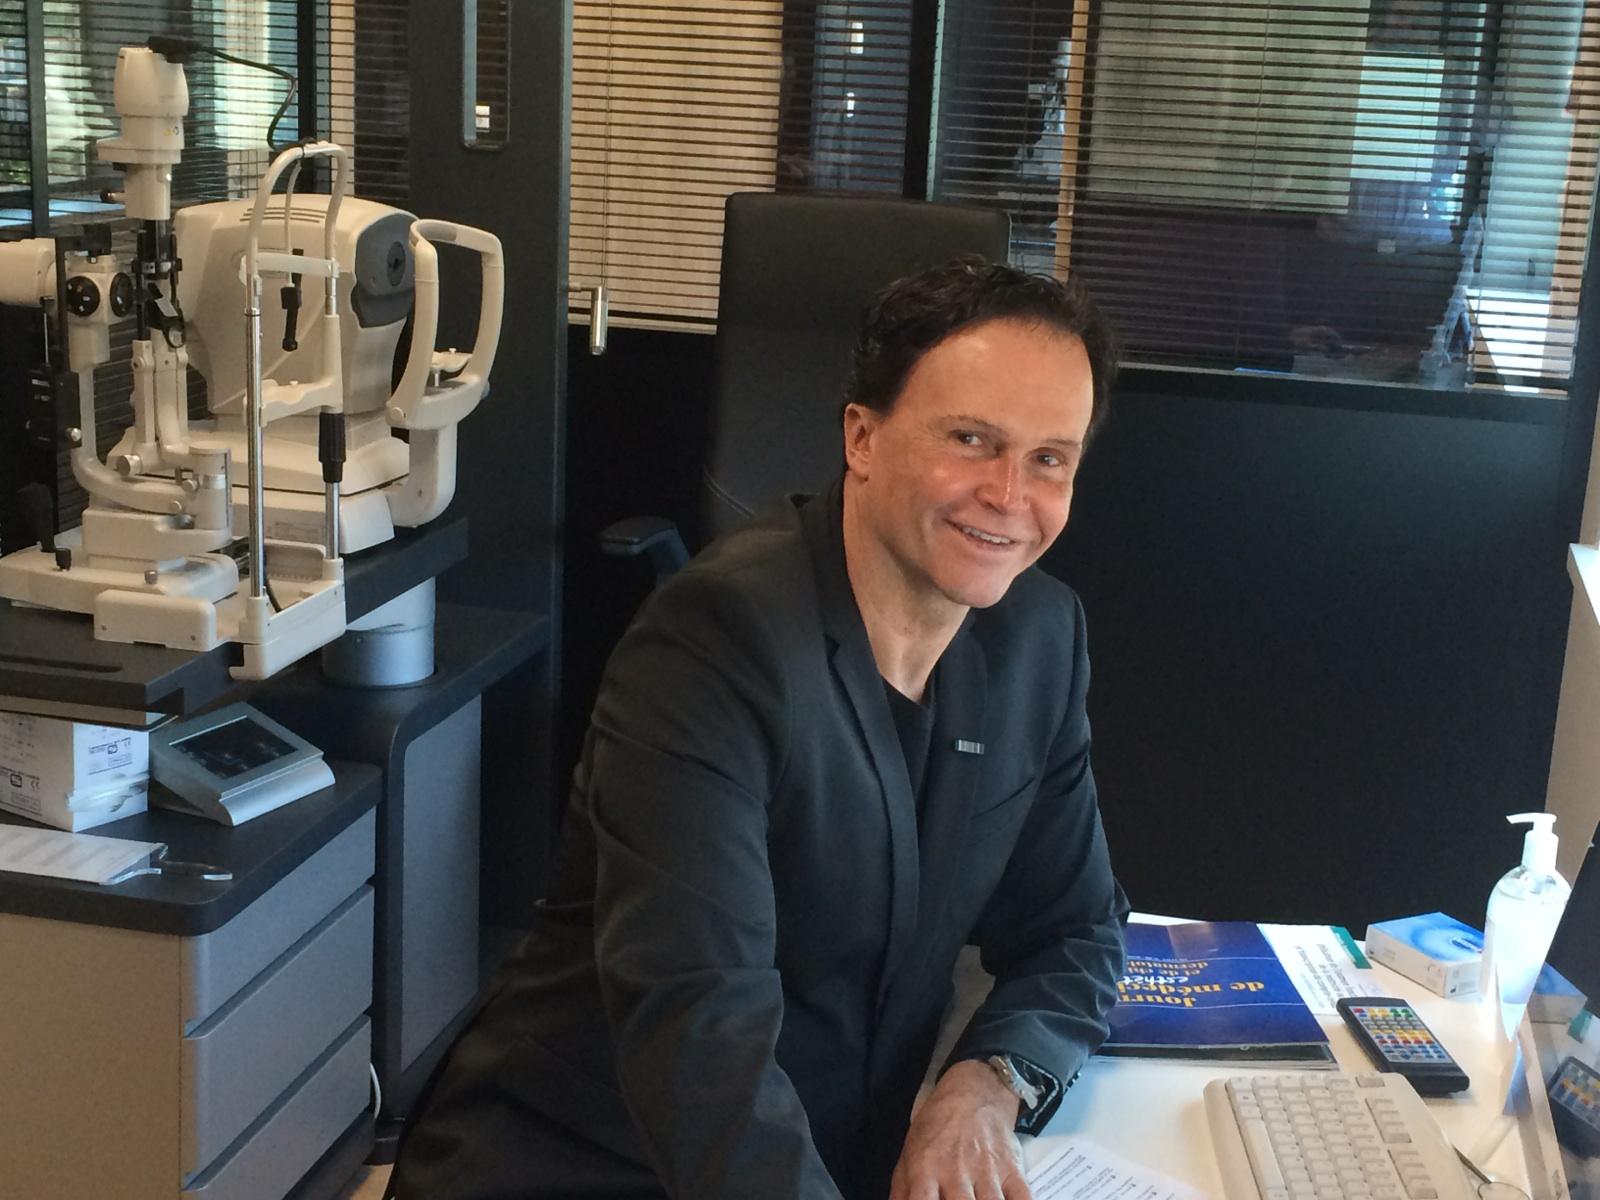 Docteur marc david centre ophtalmologique lyon consultations et chirurgies des yeux - Cabinet ophtalmologie lyon ...